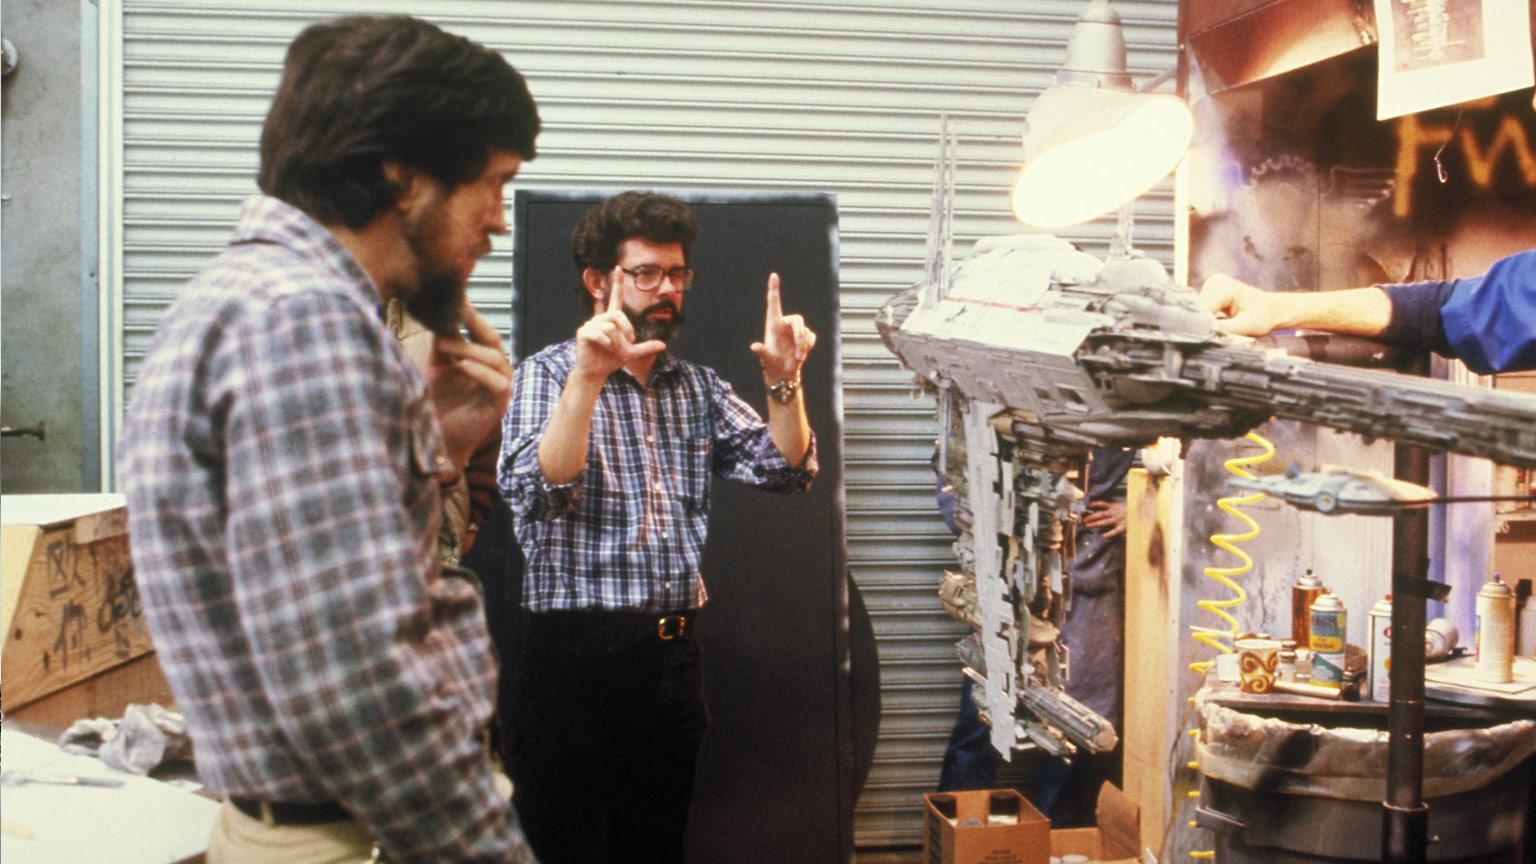 Джордж Лукас изменил финал пятого эпизода «Звездных войн» после показа фильма вкинотеатре